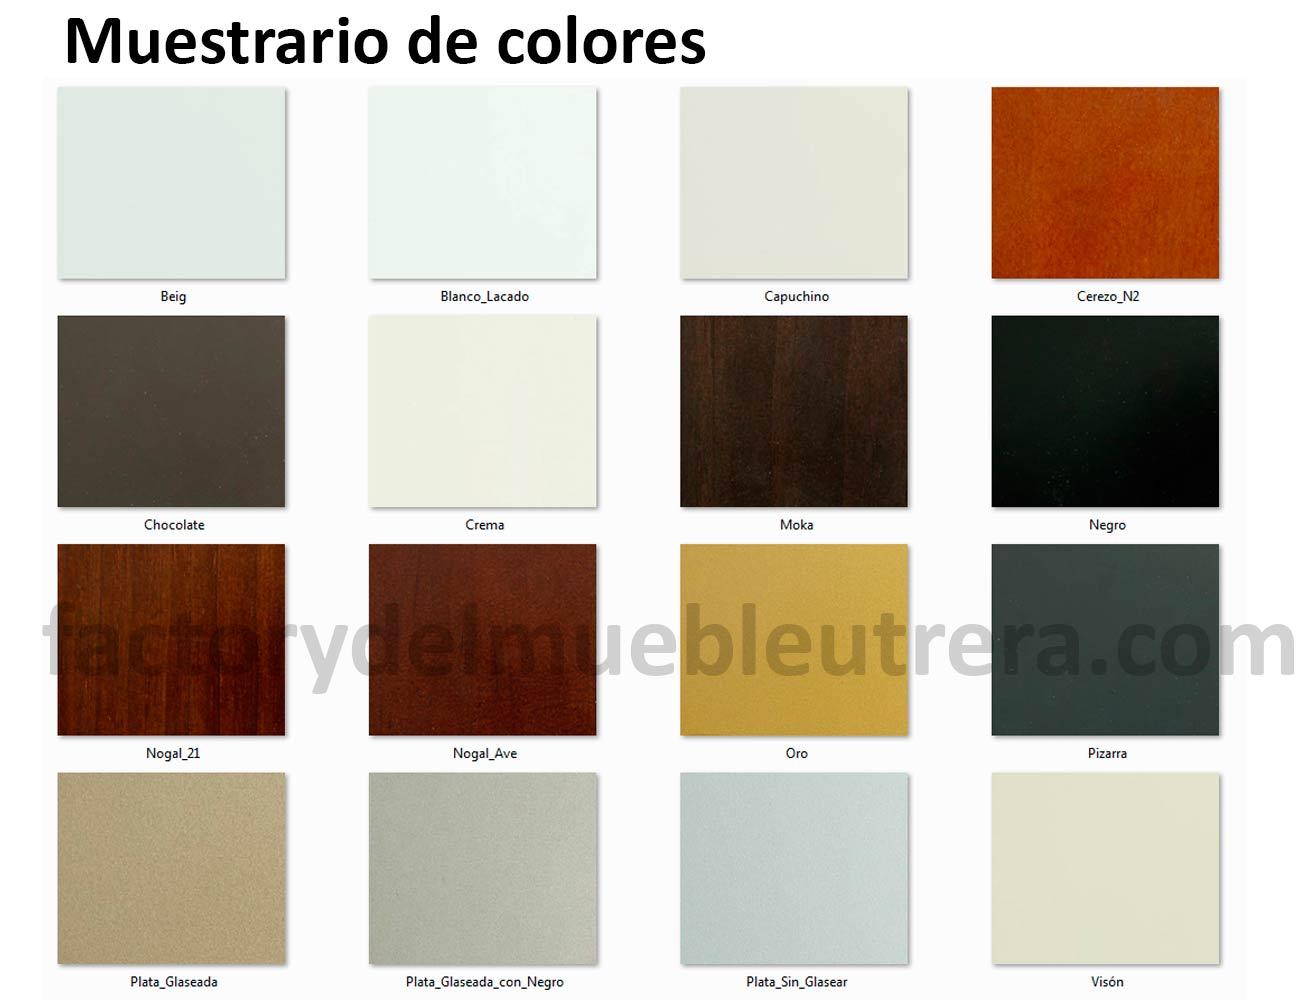 Colores web nueva81